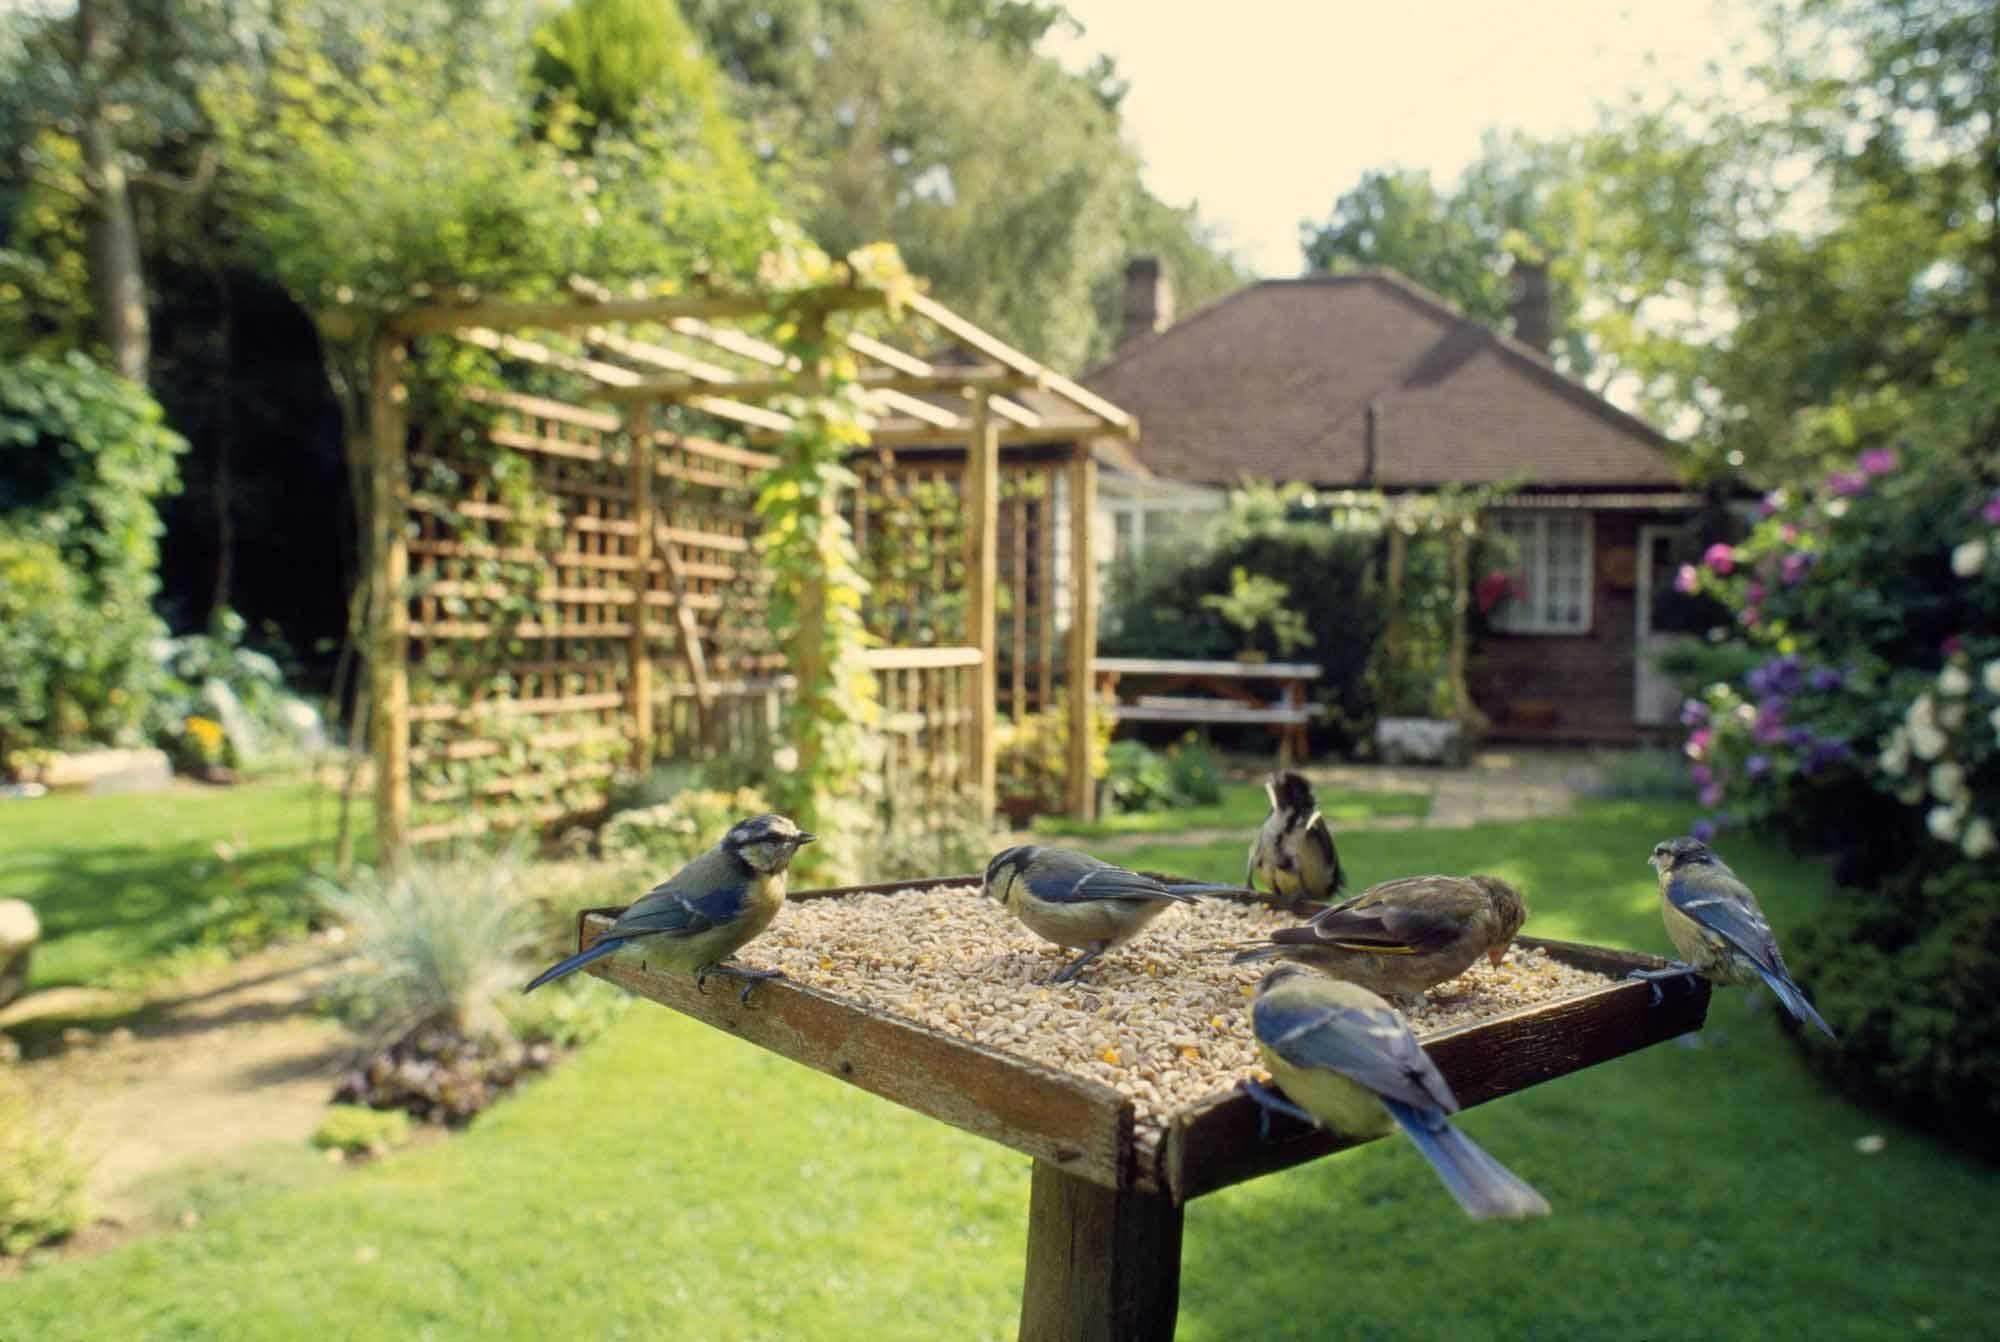 Birdgardening guida a come attirare uccelli in giardino - Giardino del te ...